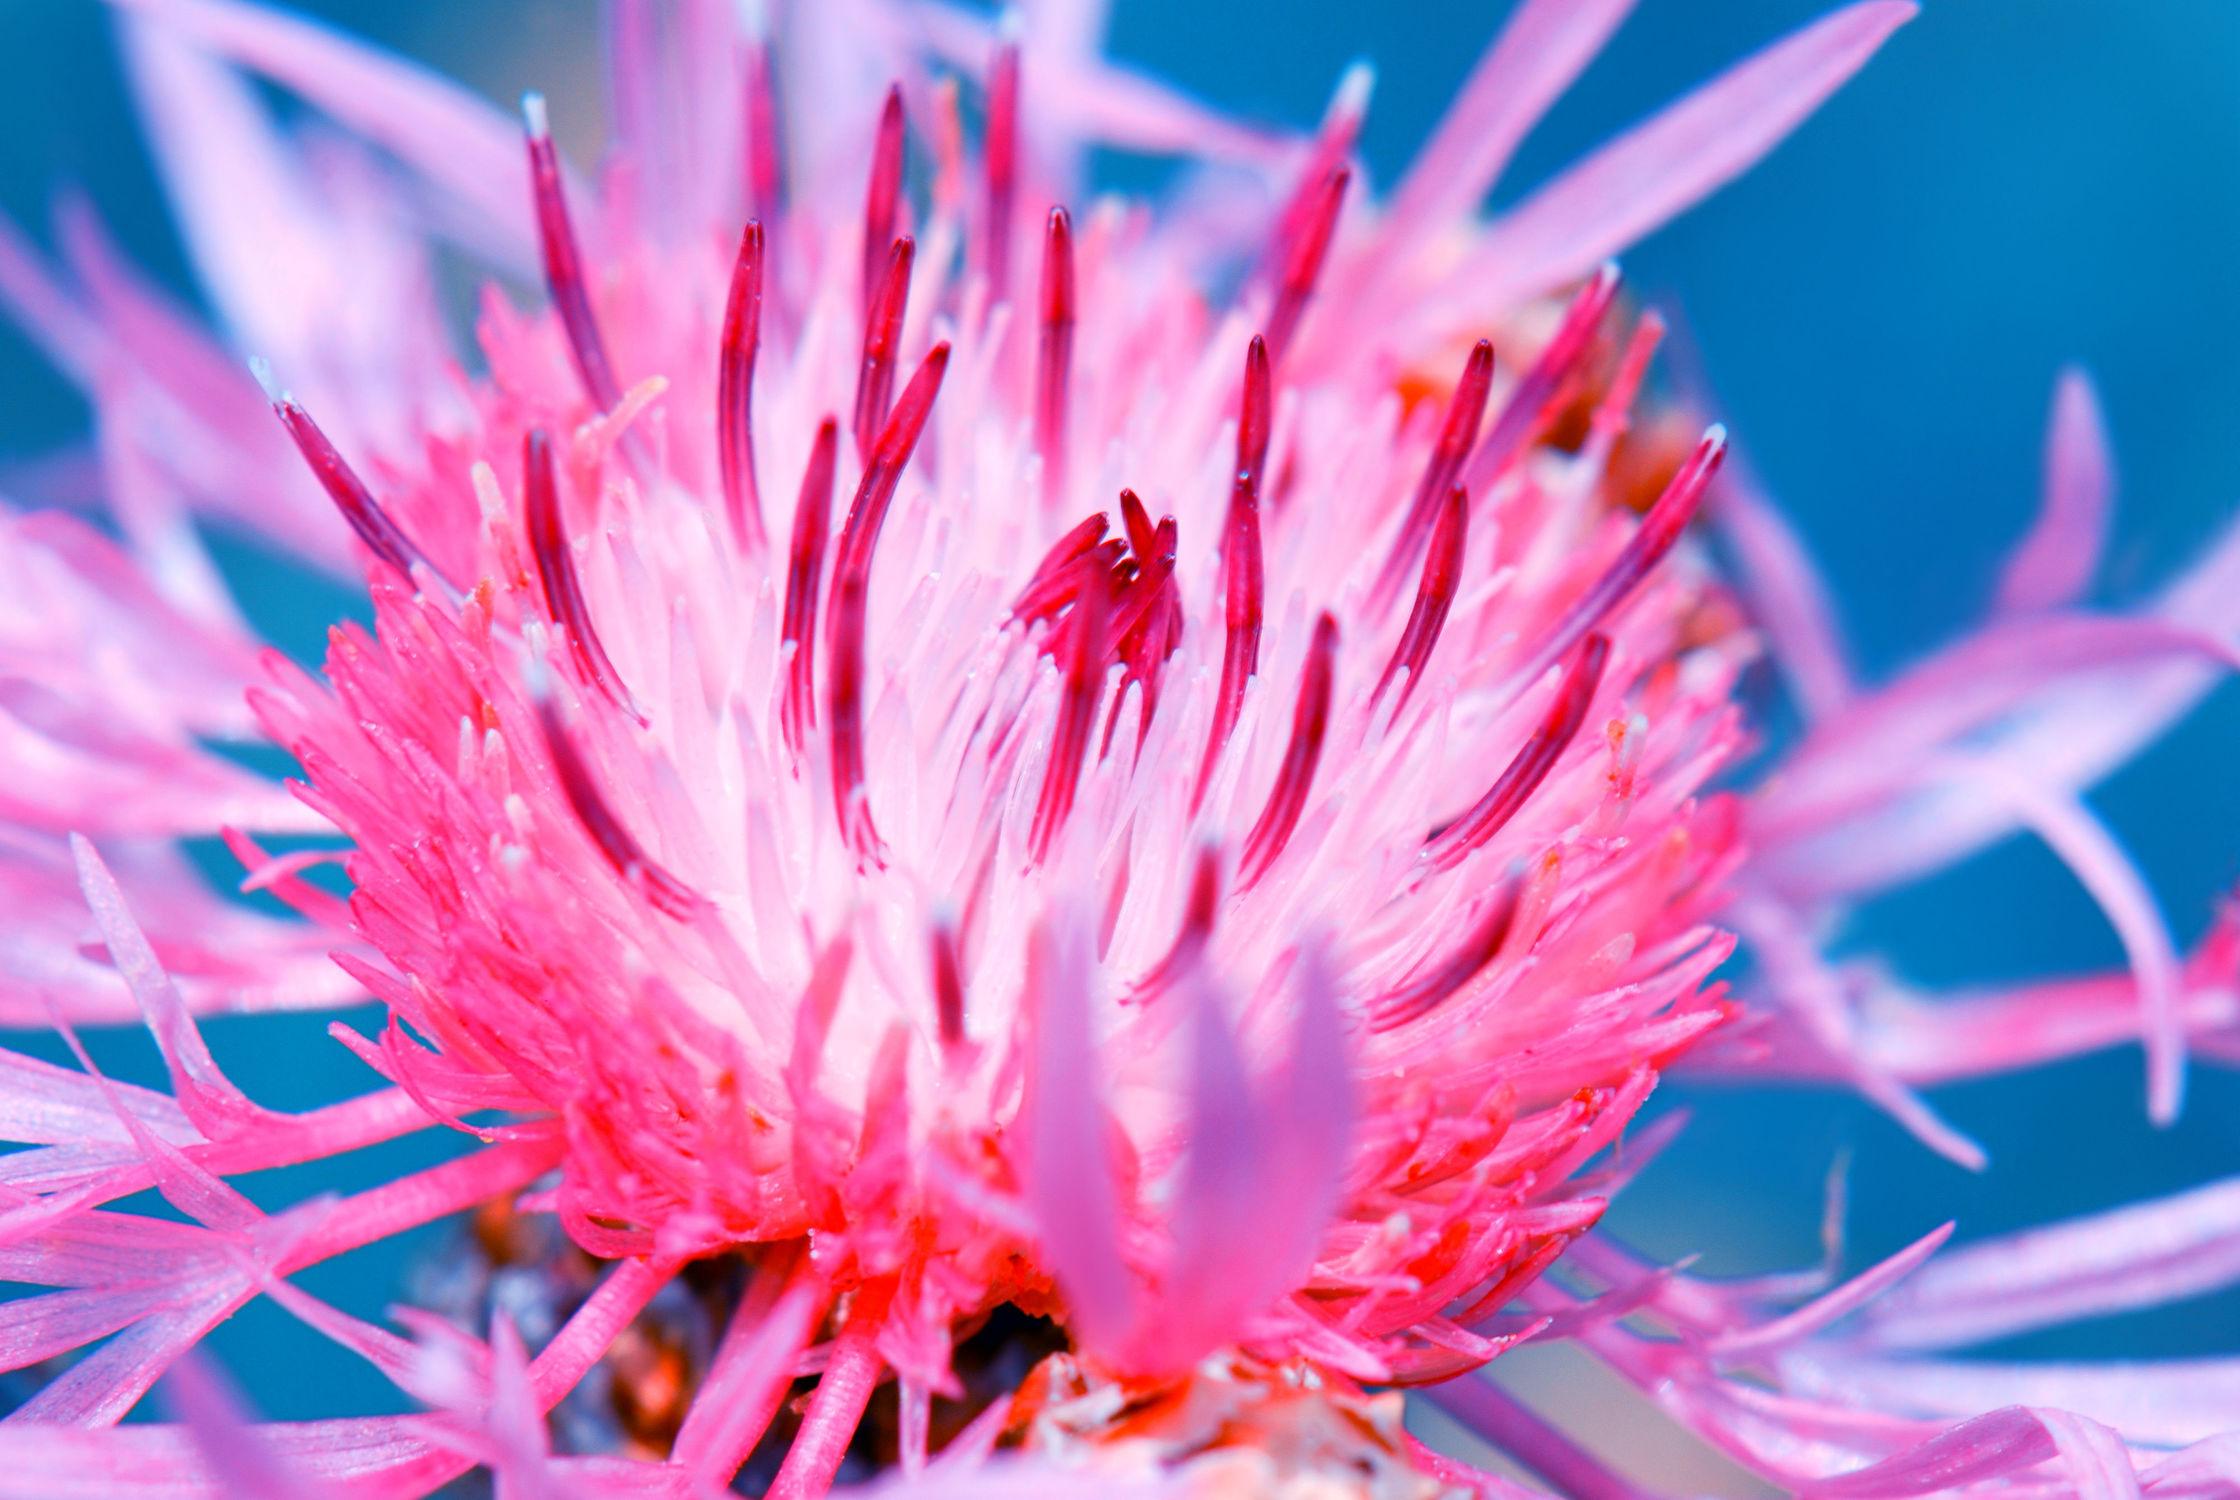 Bild mit Pflanzen, Pflanzen, Blumen, Blumen, Sommer, Blume, Pflanze, Floral, Flora, blüte, nahaufnahme, Deko, dekorativ, flockenblume